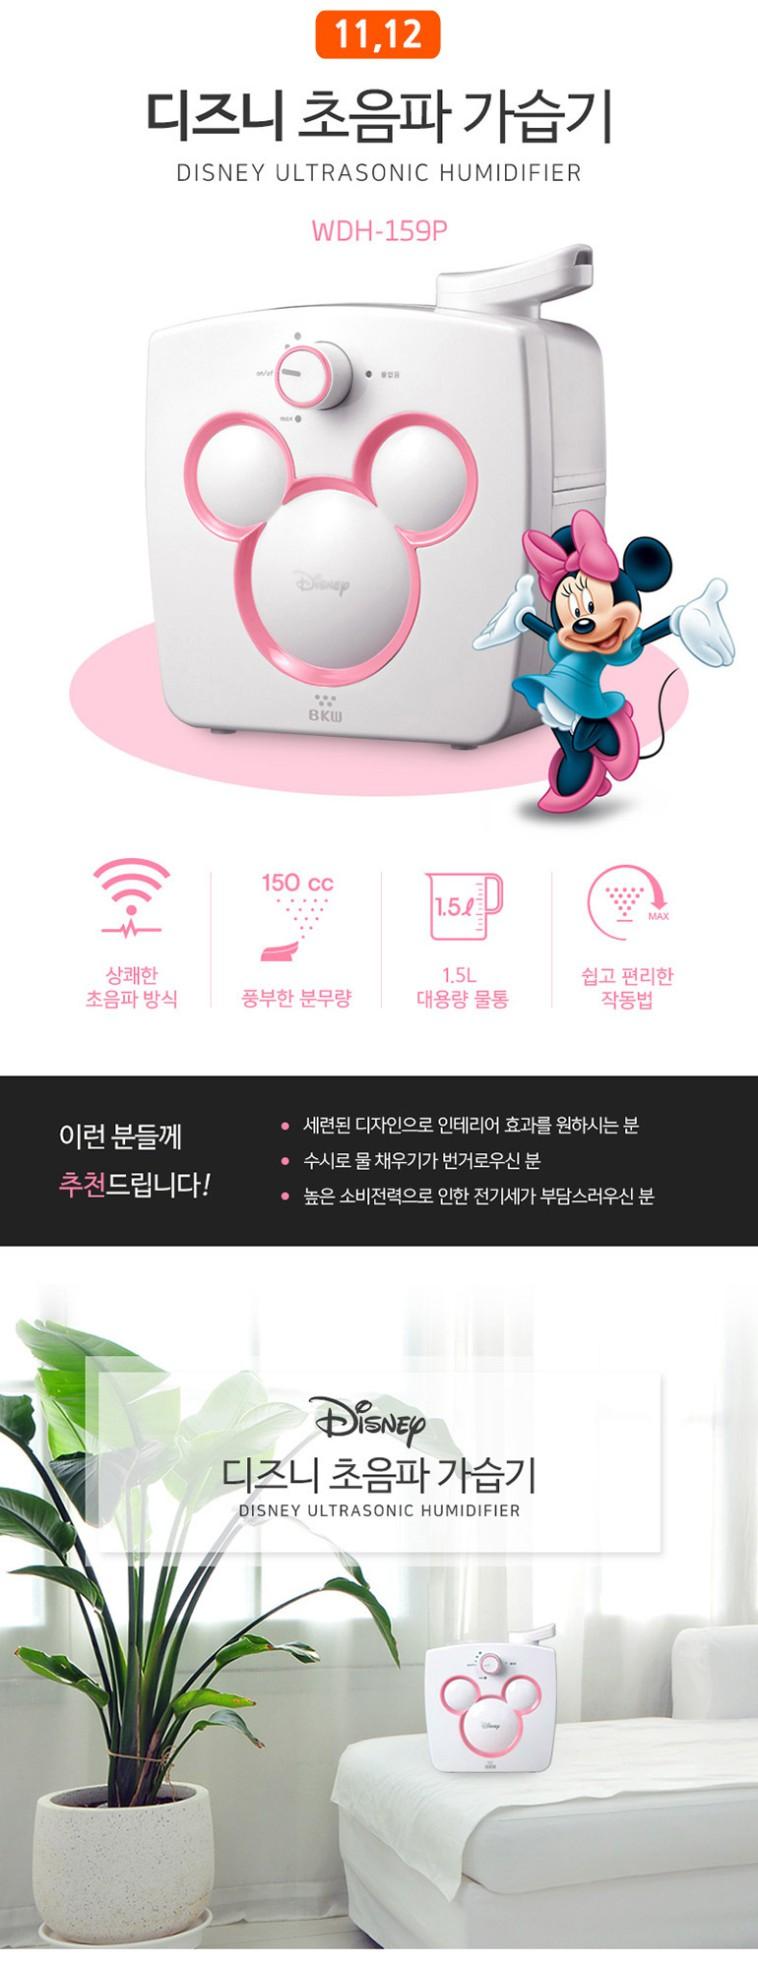 [시즌특가] 디즈니 미키 가습기 1+1 - 상세정보